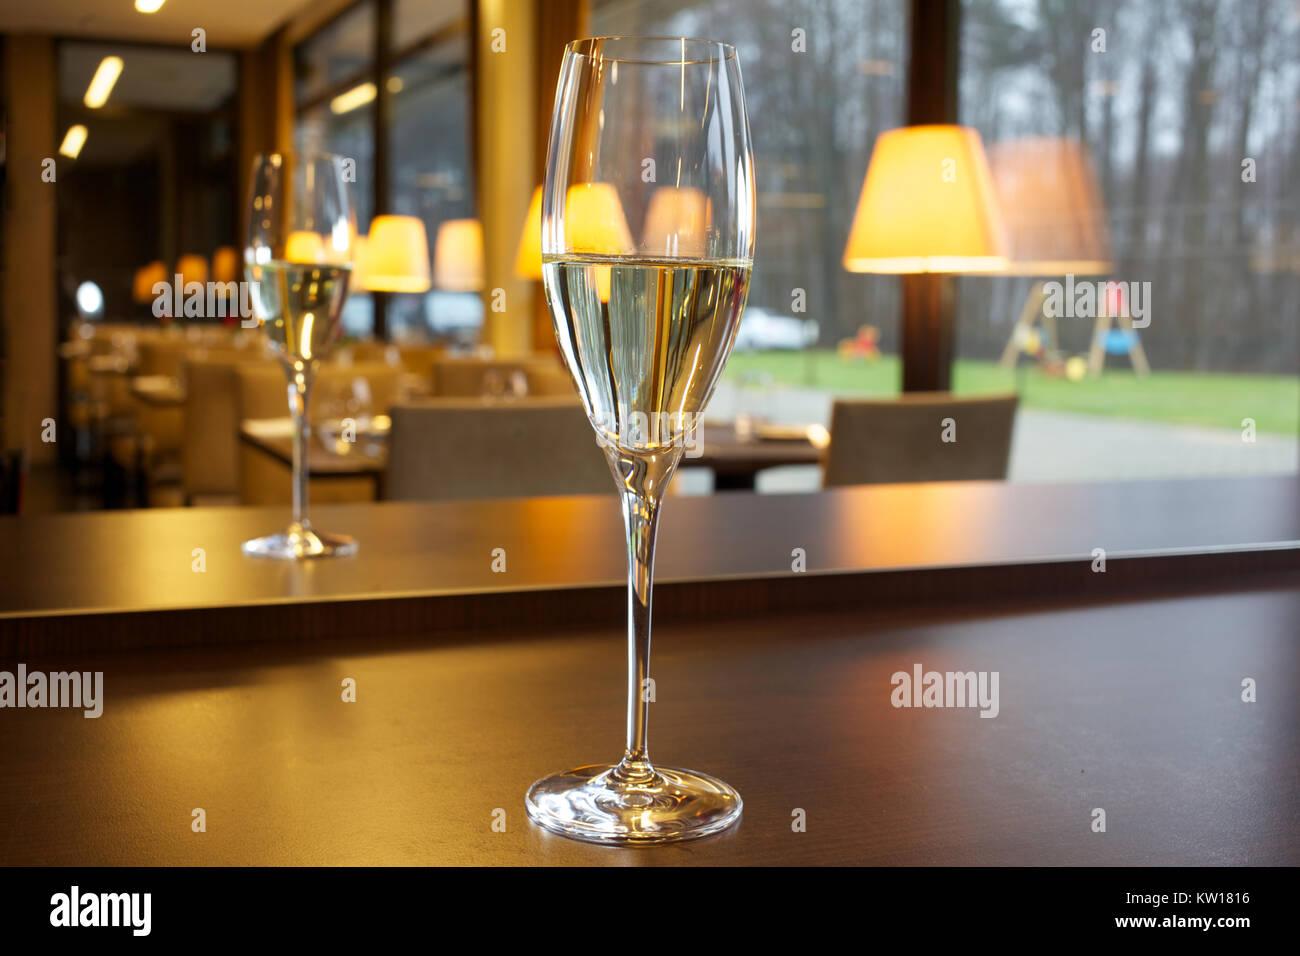 Glas Champagner auf dem Tisch im Restaurant. Stockbild